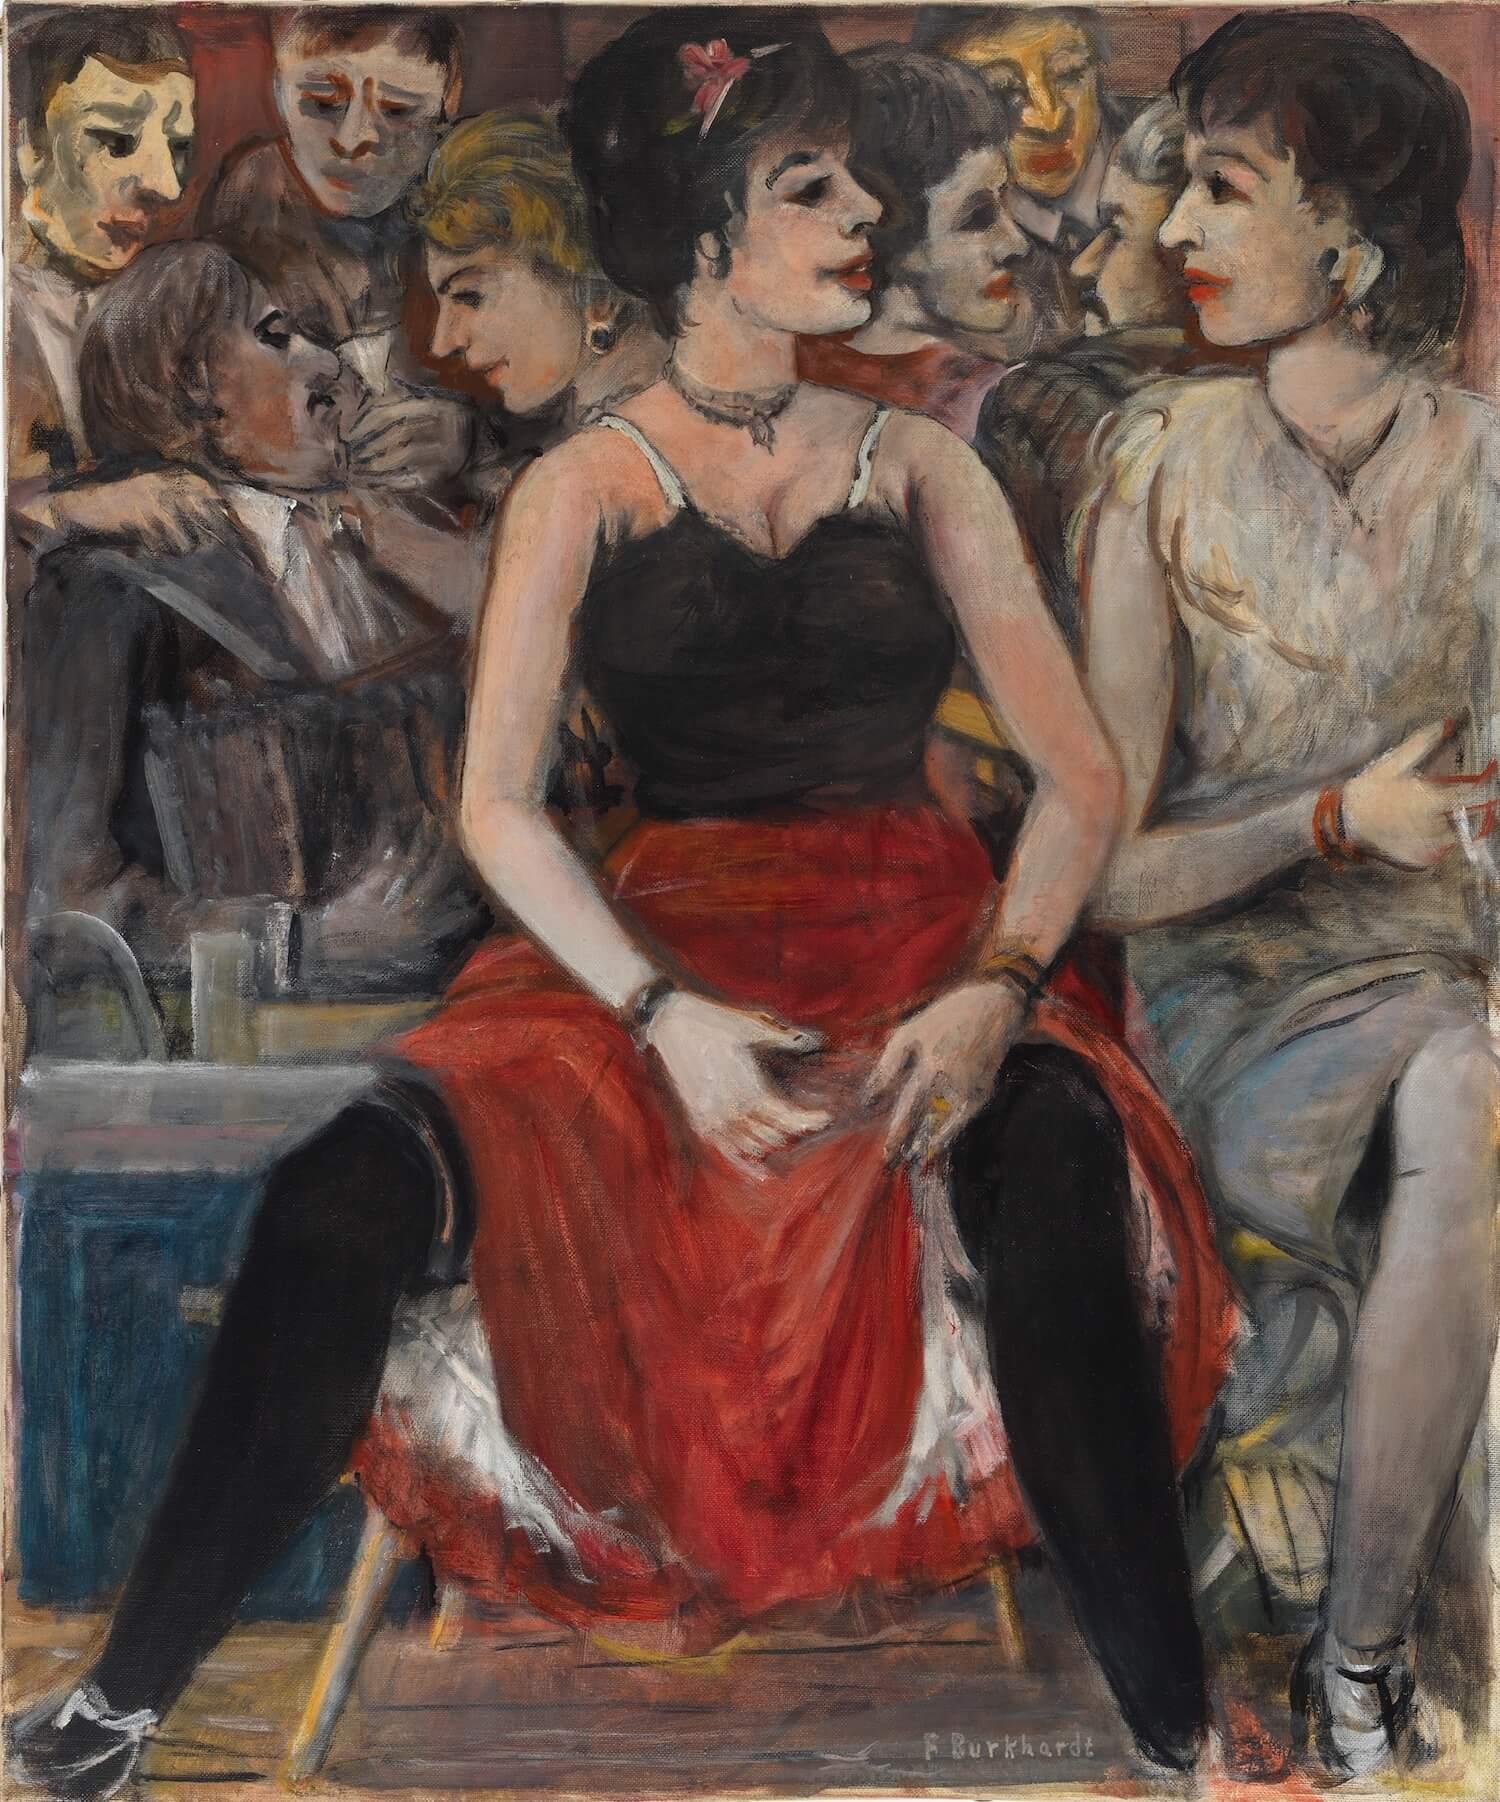 Fritz Burkhardt, Tanzpause, 1935-45, Öl auf Leinwand © Kunstvilla, Foto: Annette Kradisch, Schenkung Stiftung Dr. Enser